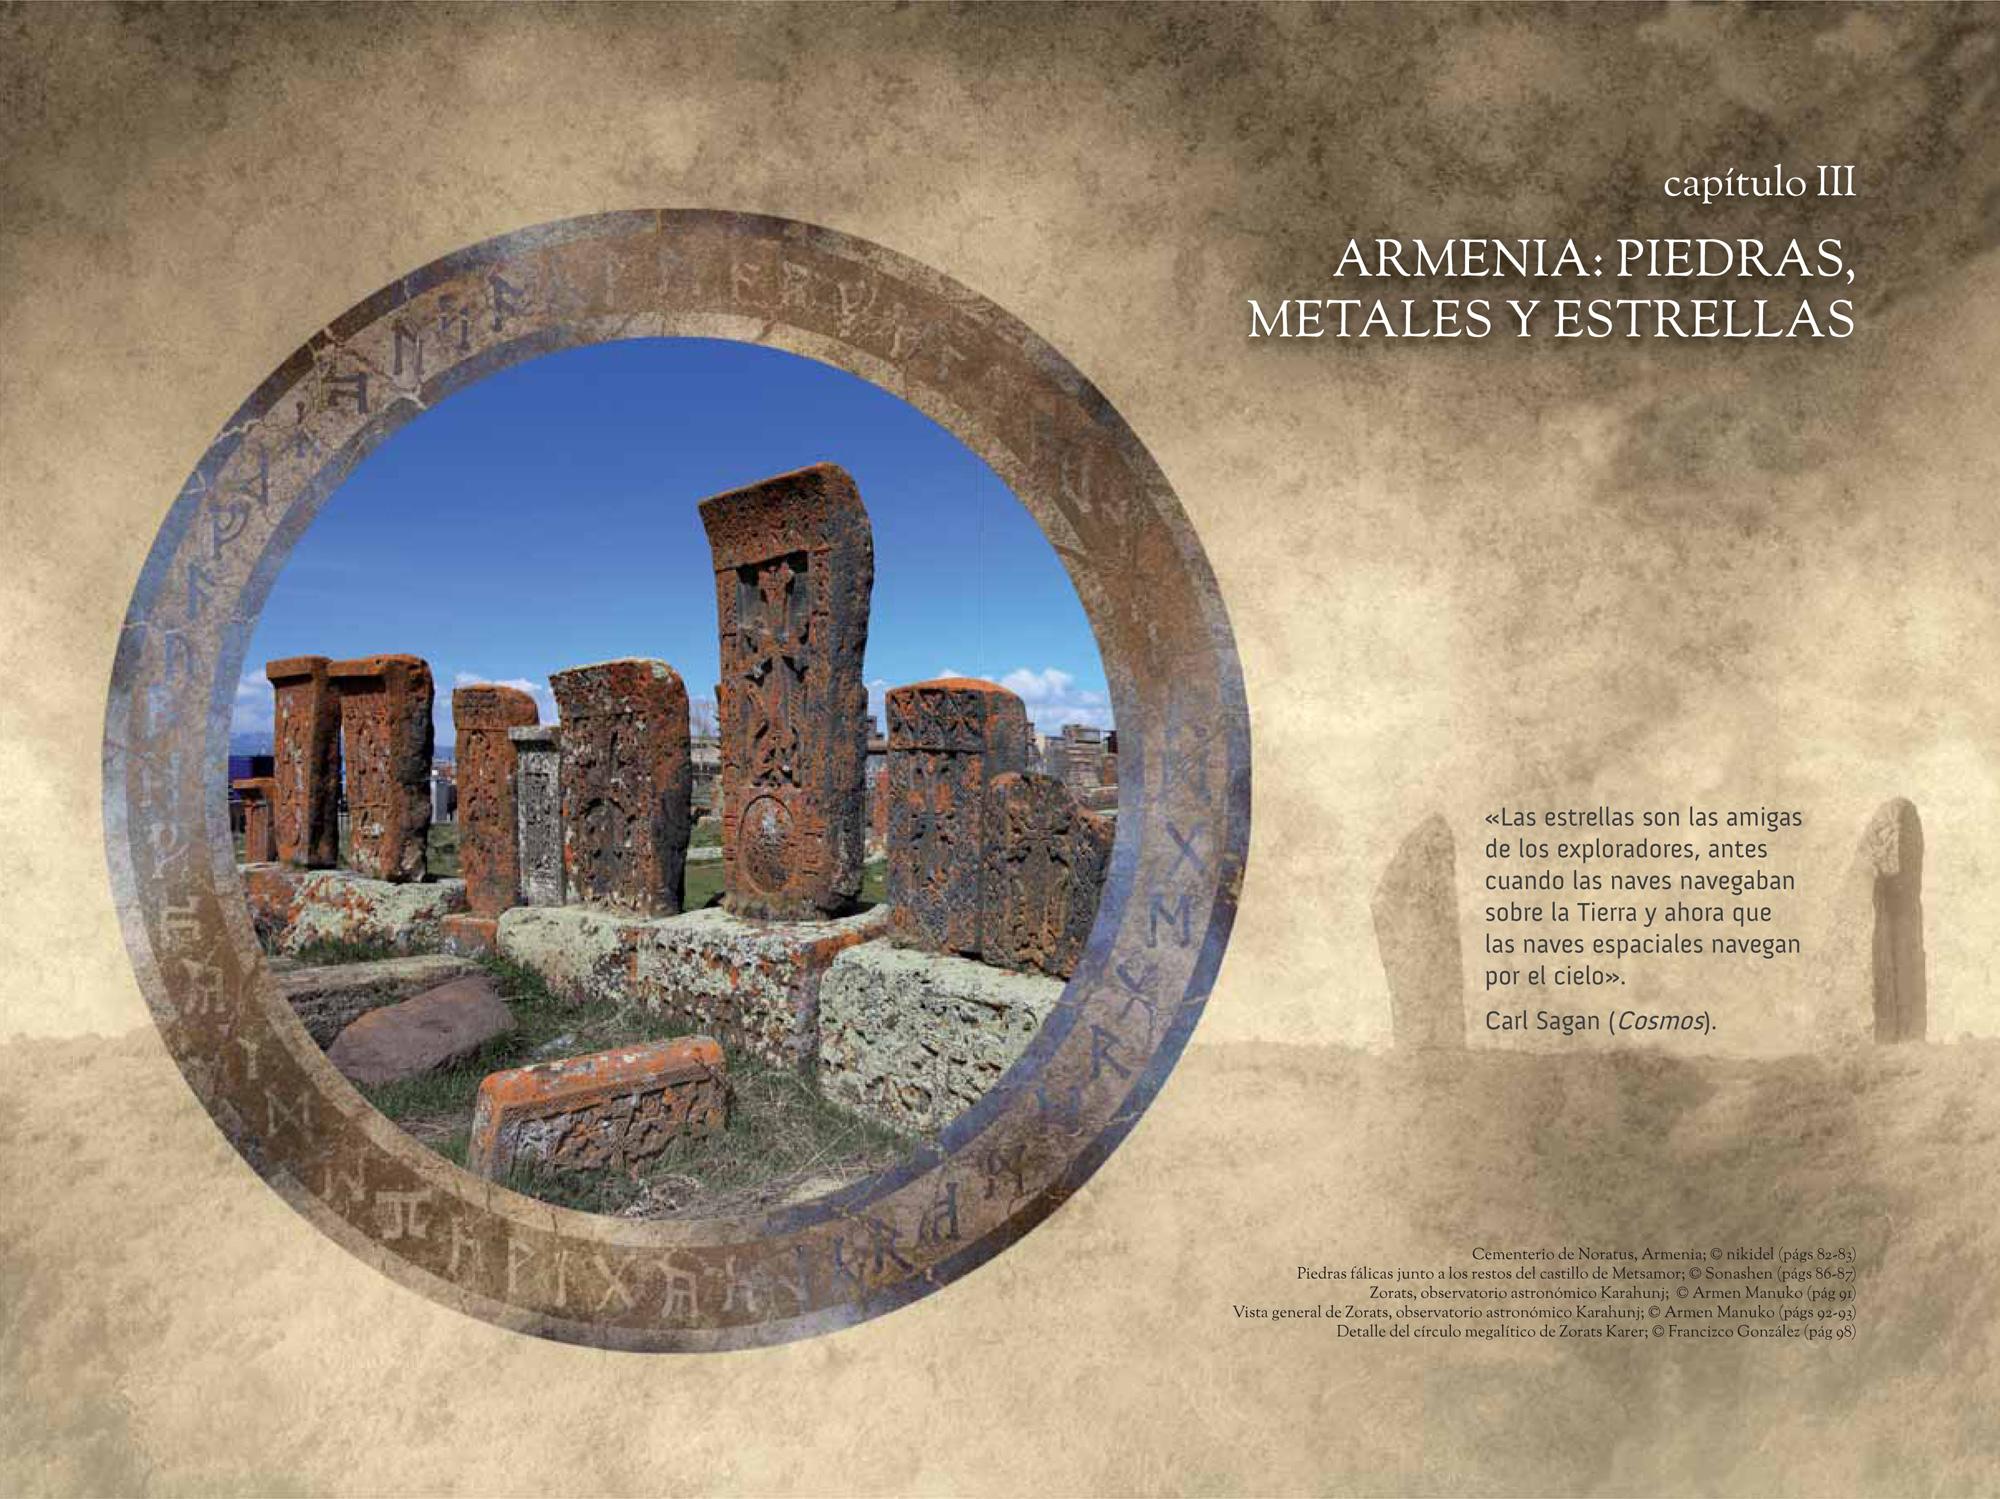 Capítulo III: ARMENIA: PIEDRAS, METALES Y ESTRELLAS